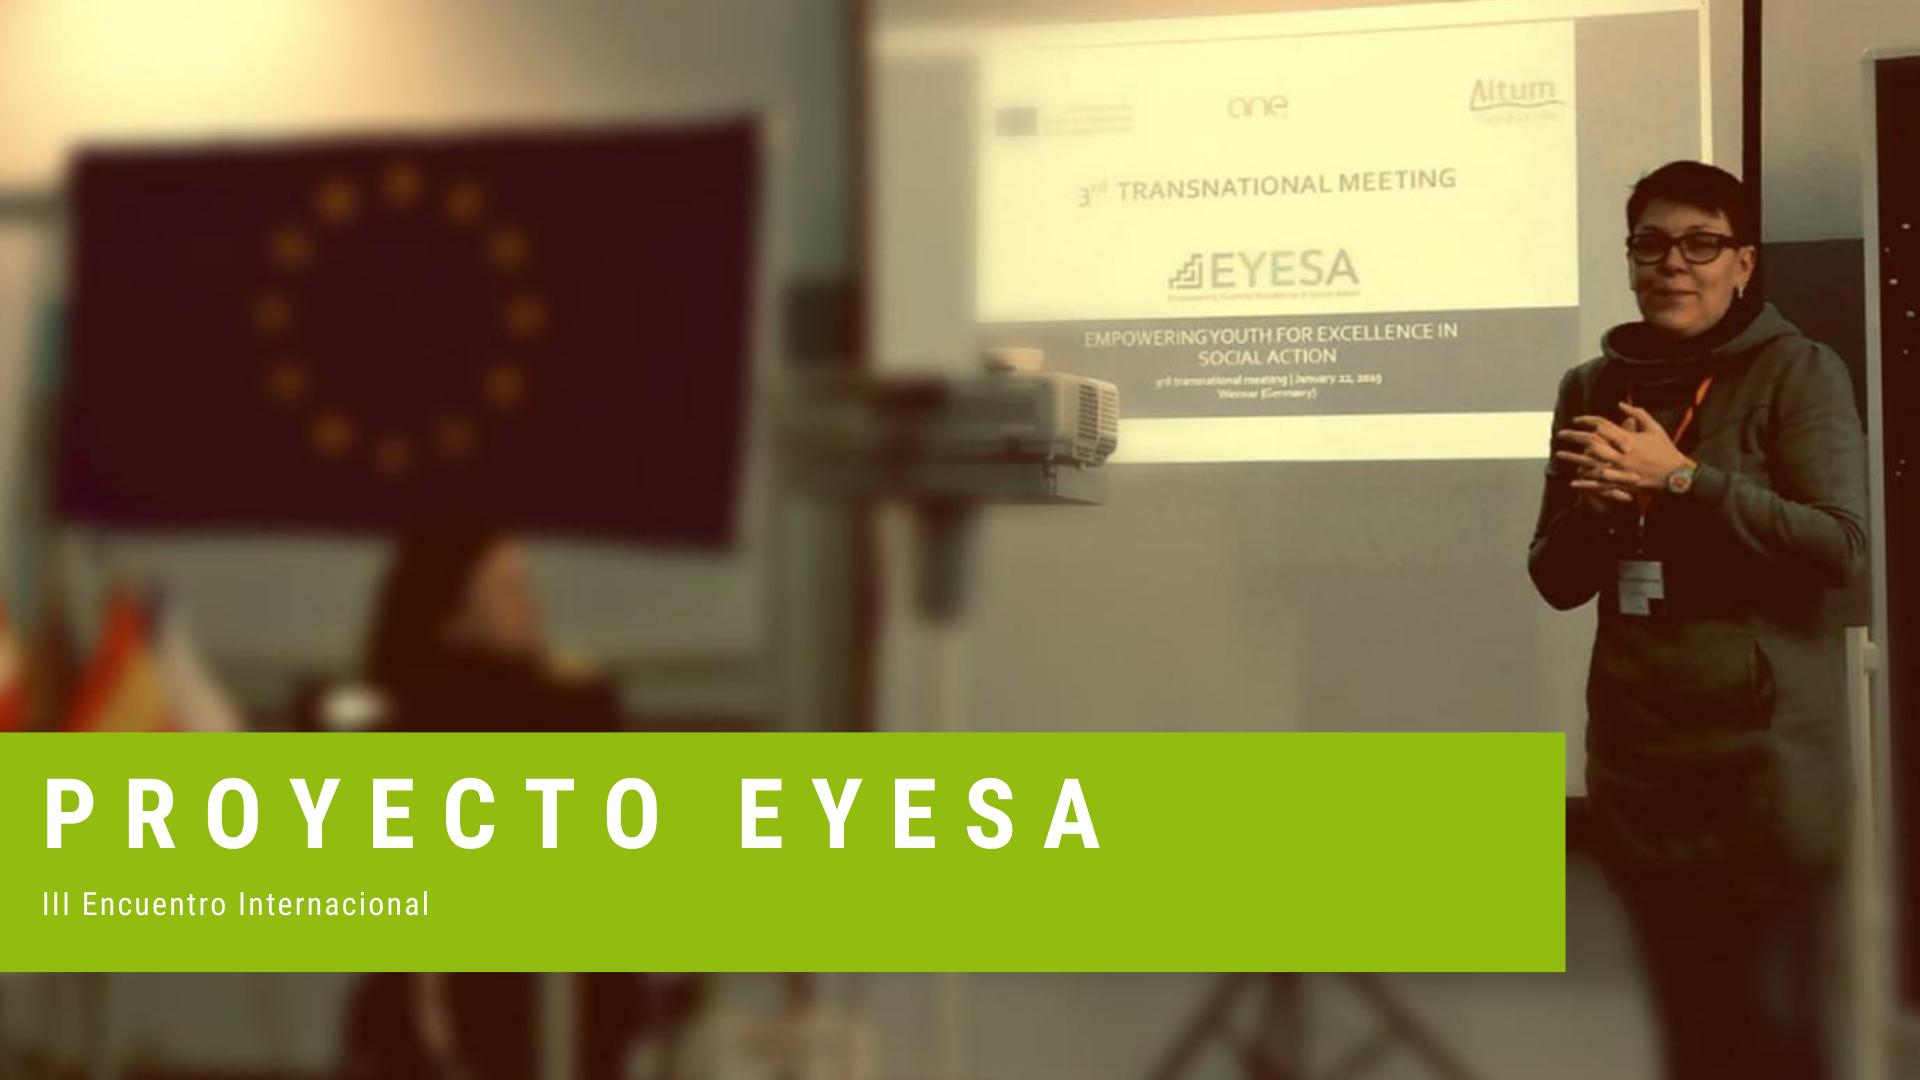 EYESA III Encuentro internacional